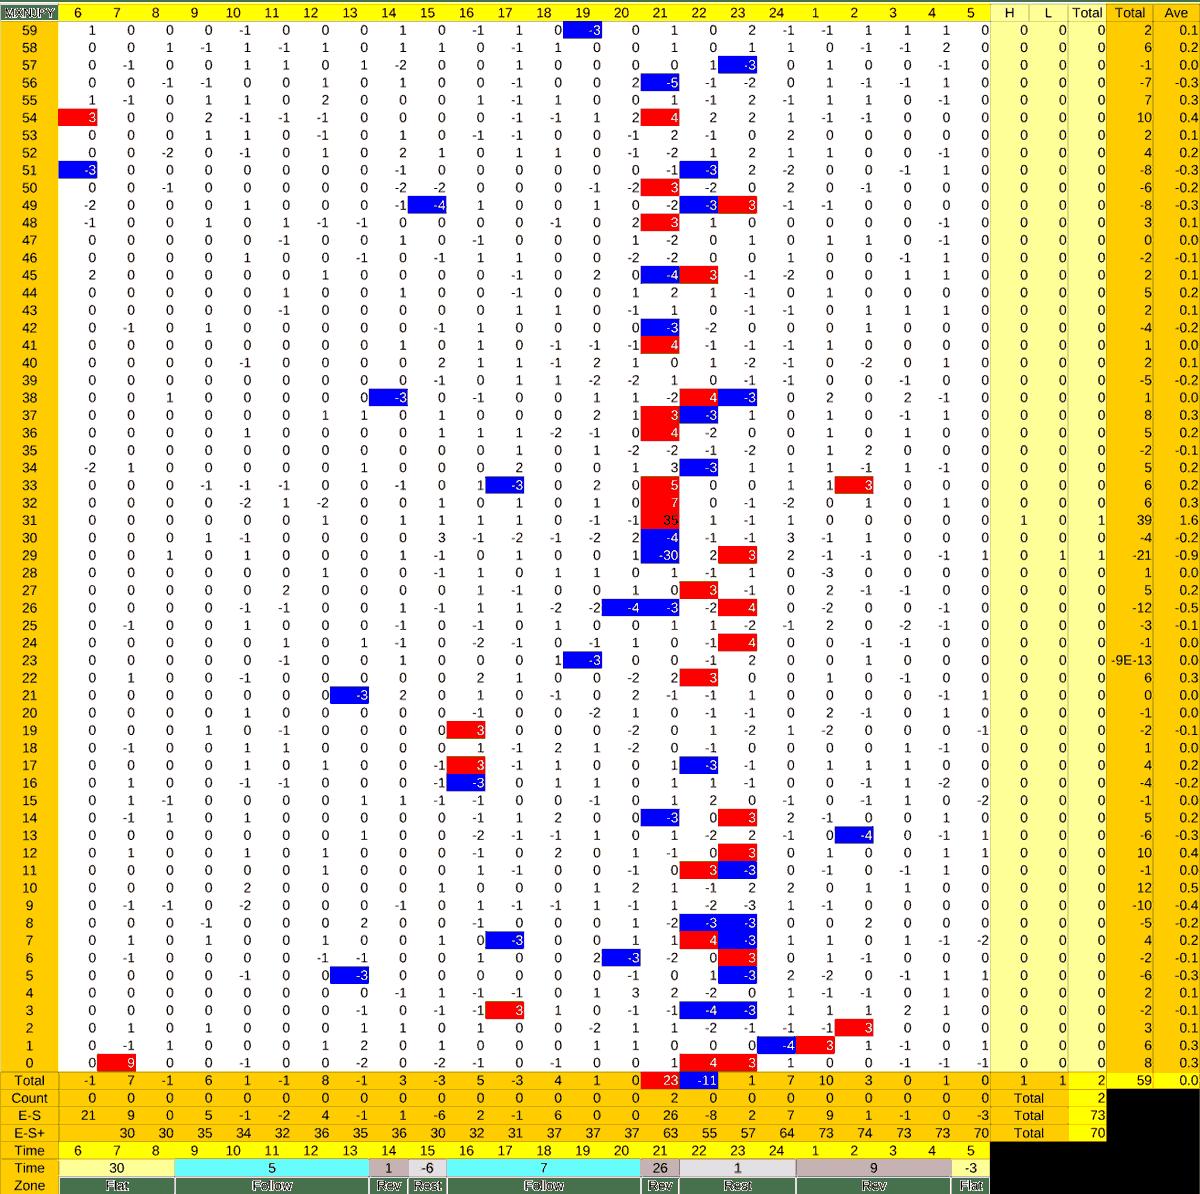 20210702_HS(3)MXNJPY-min